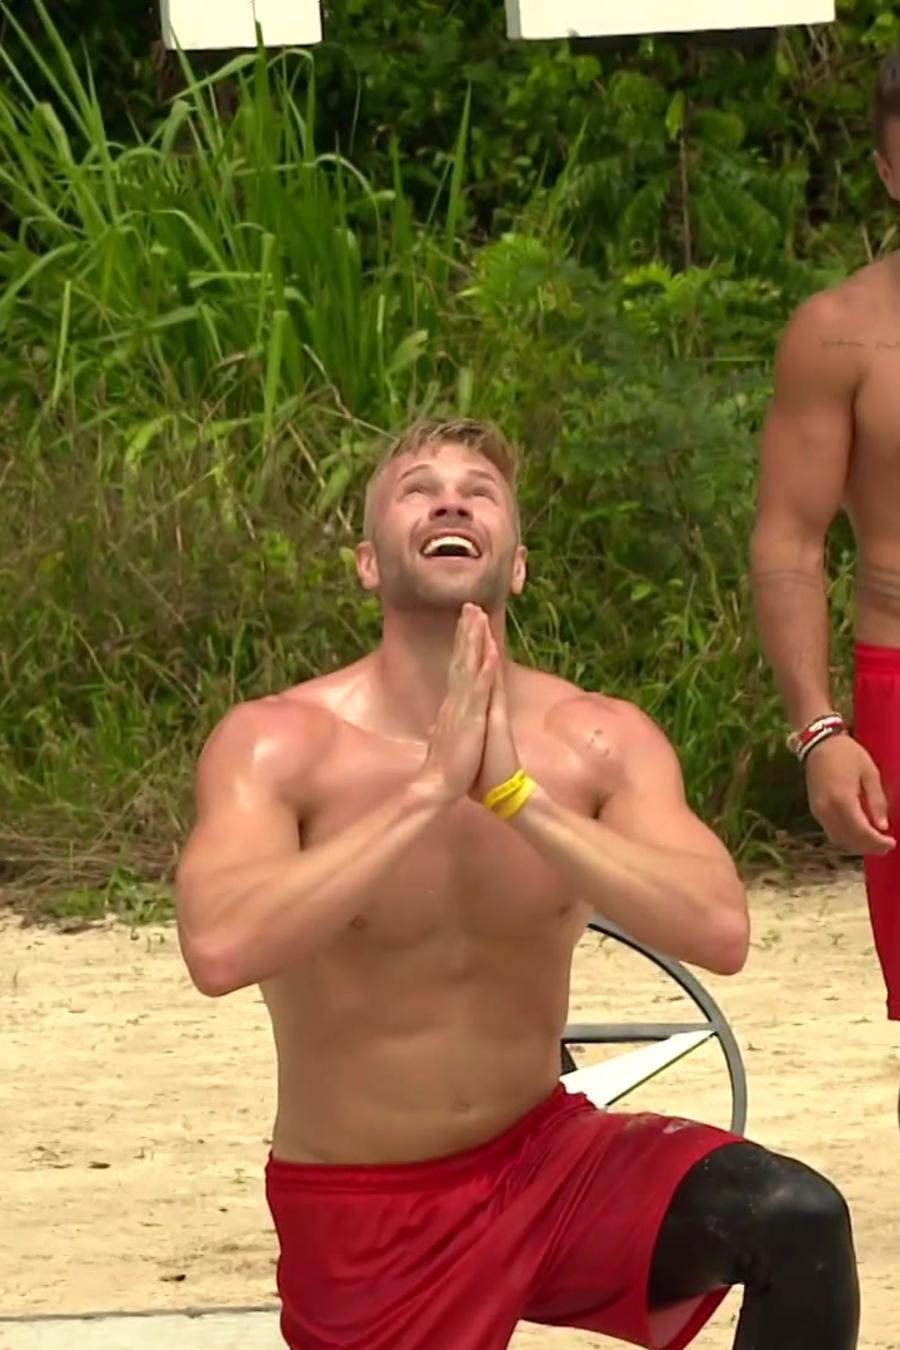 Nate agradece a dios su victoria